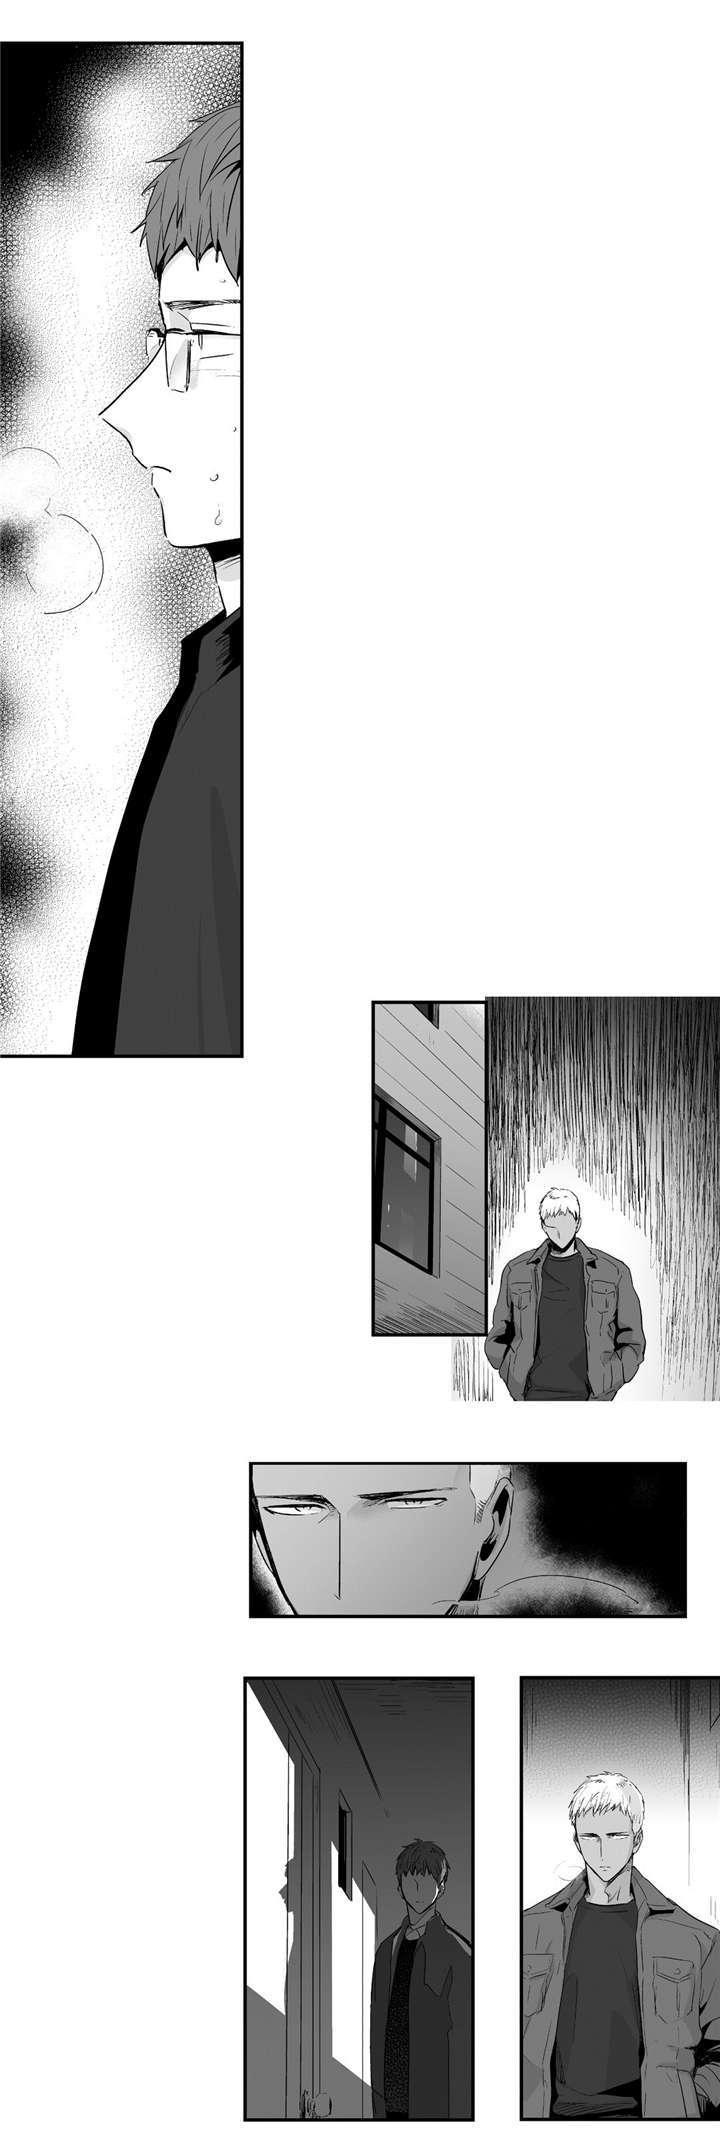 第30章-目击过后/如此讨厌我的话